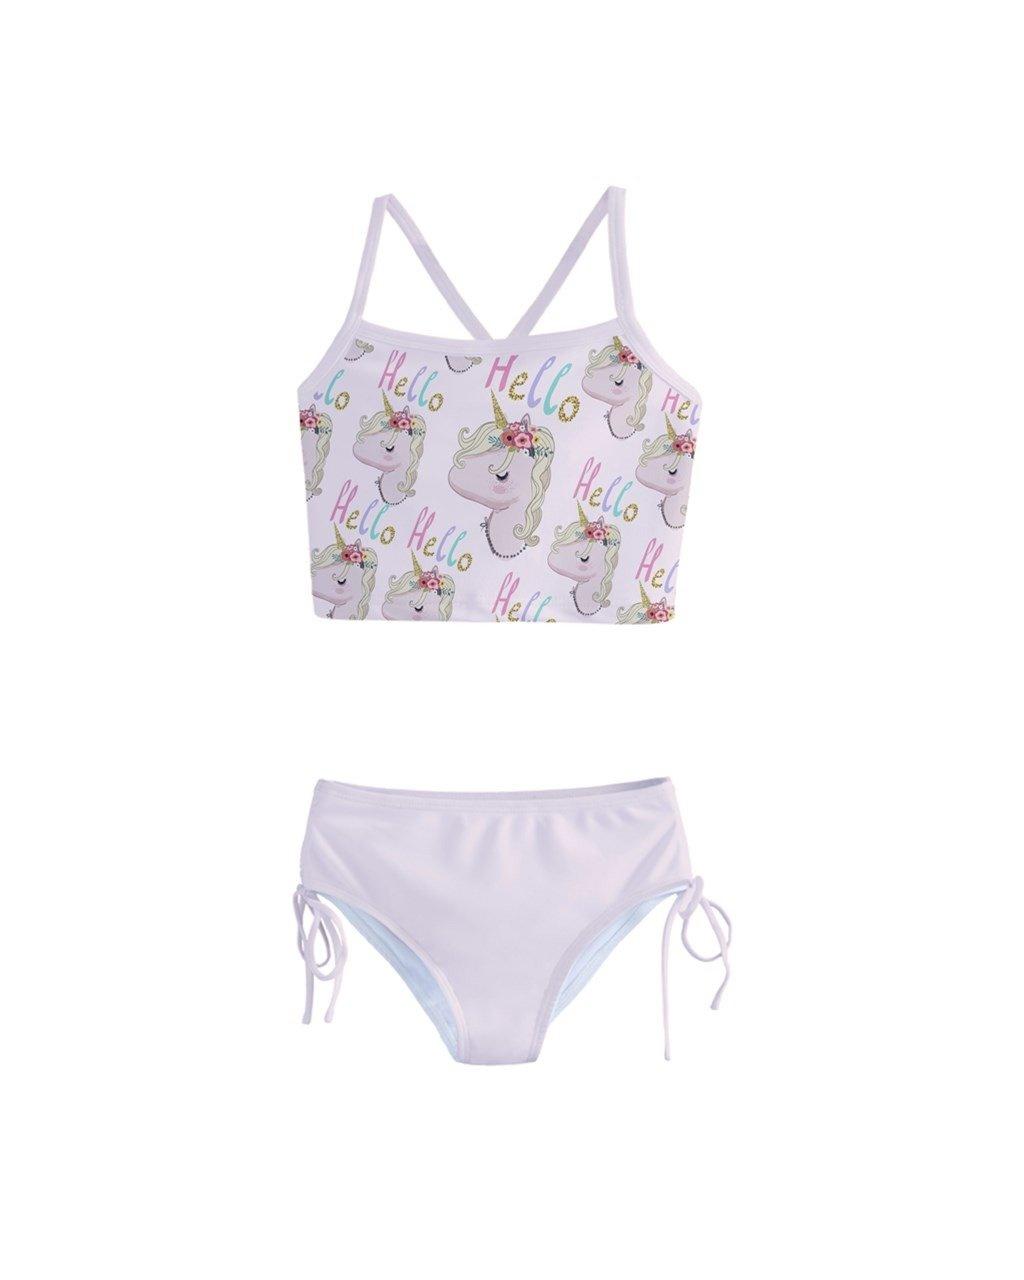 PattyCandy Little/Toddler Girls Girly Swimwear Unicorn Princess Rainbows Kids Tankini Swimsuit Bikini Set